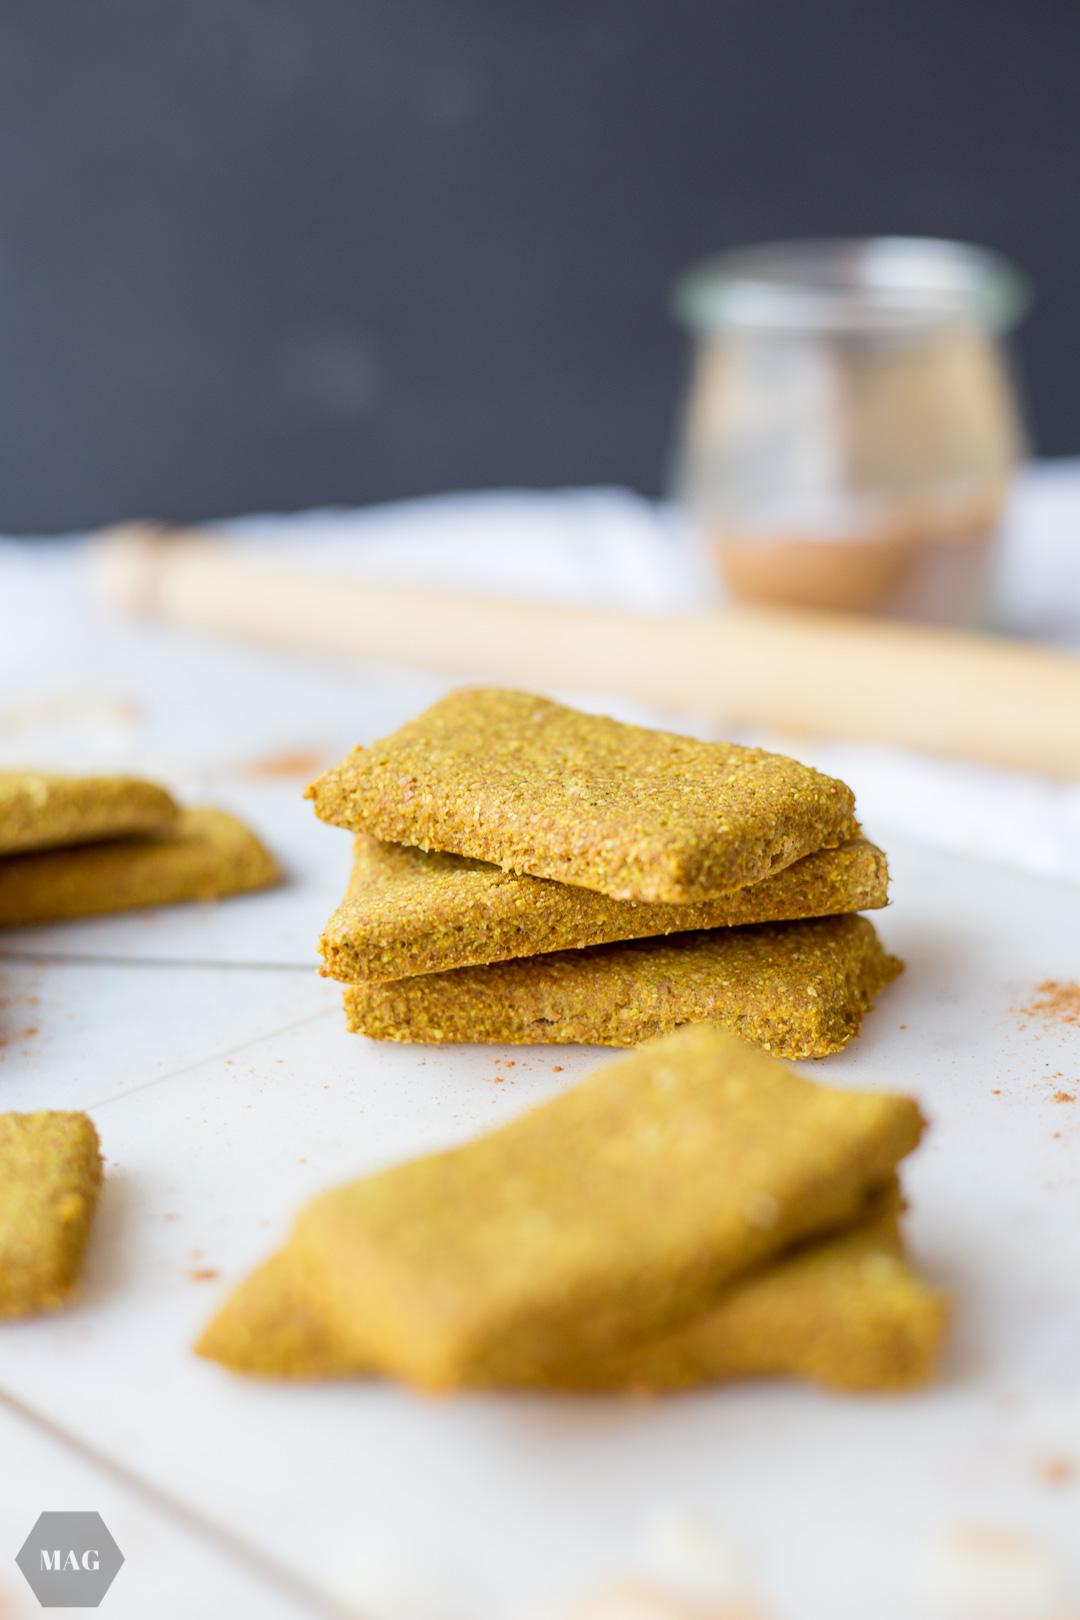 Kurkuma-Kekse, Gewürz-Kekse, winterliche Kekse, goldene milch kekse, herbstliche Kekse